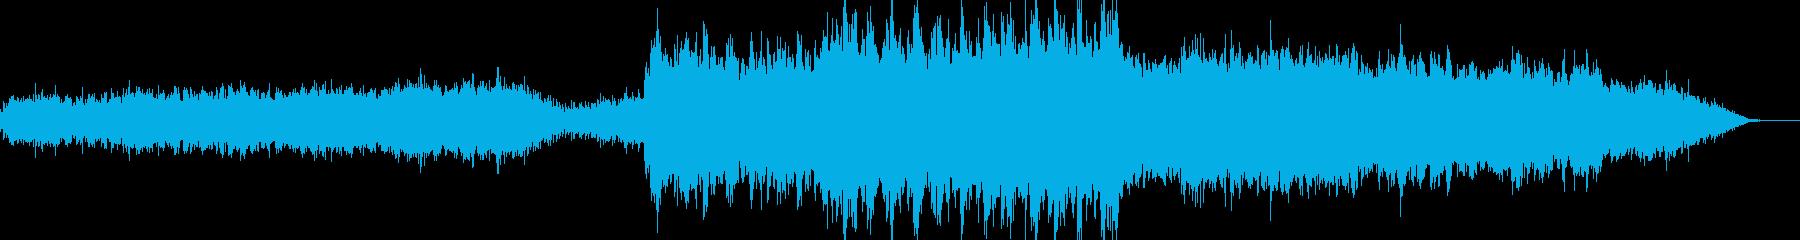 勇壮な雰囲気のBGMの再生済みの波形